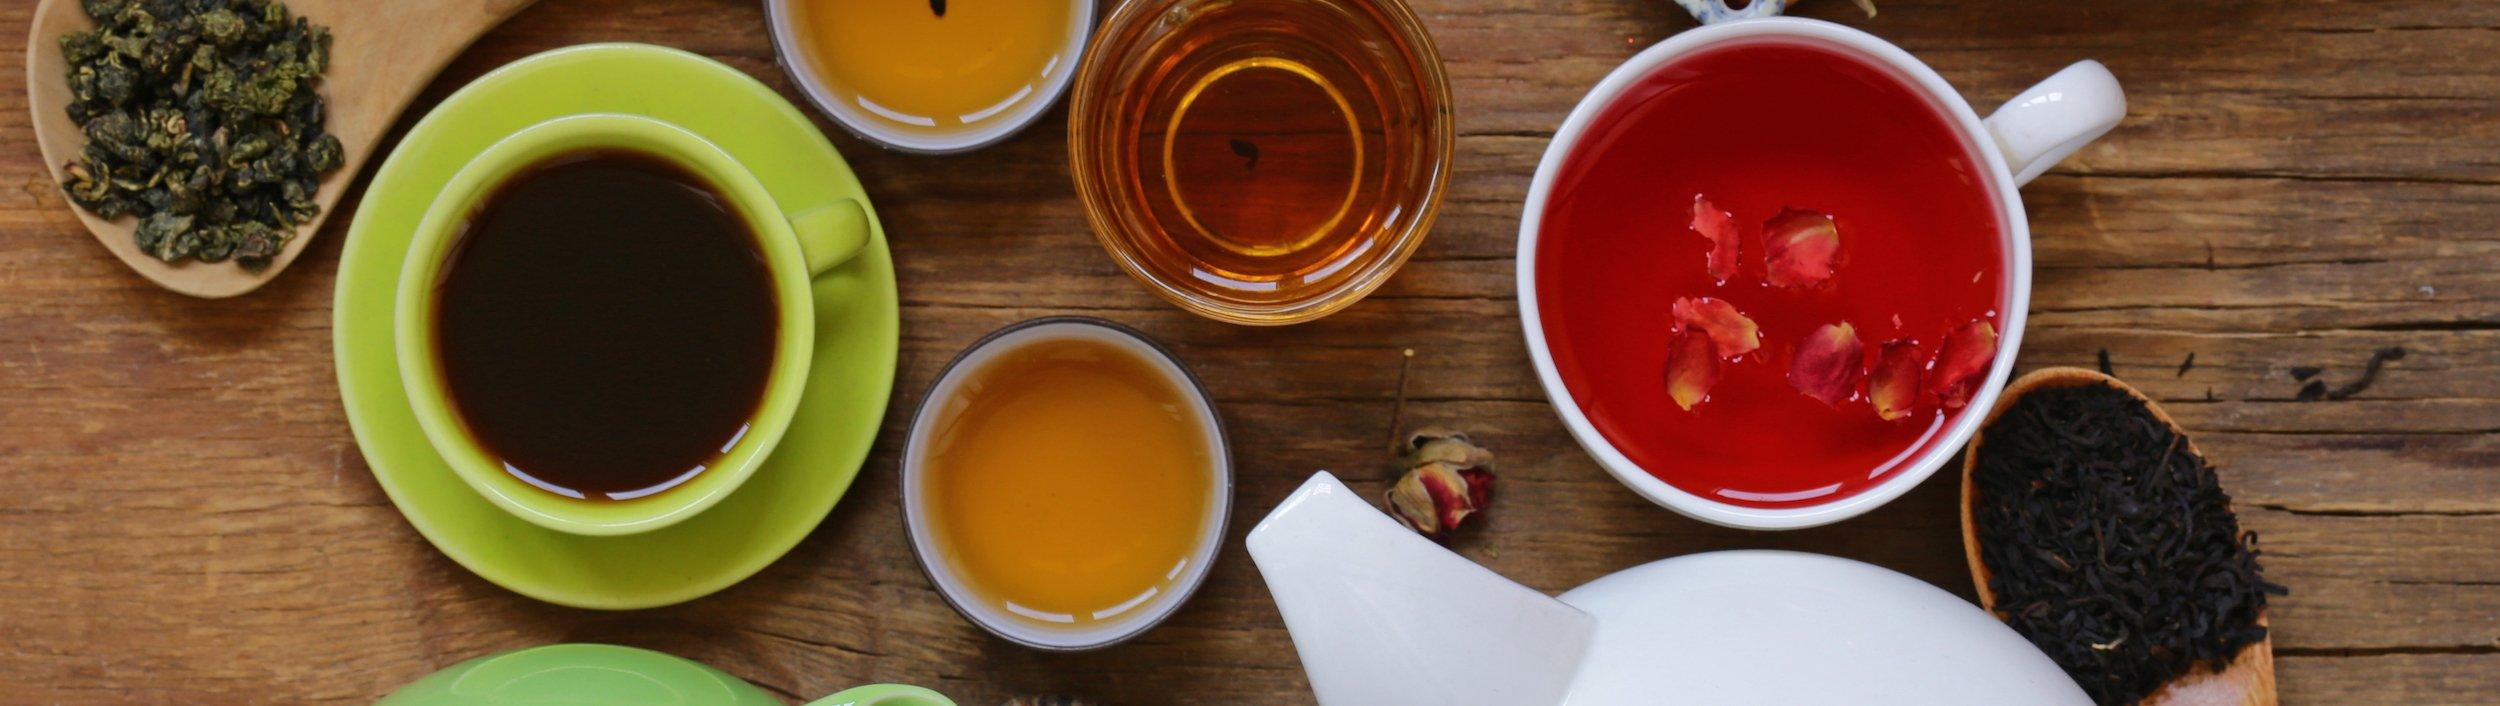 Multiple tea samples